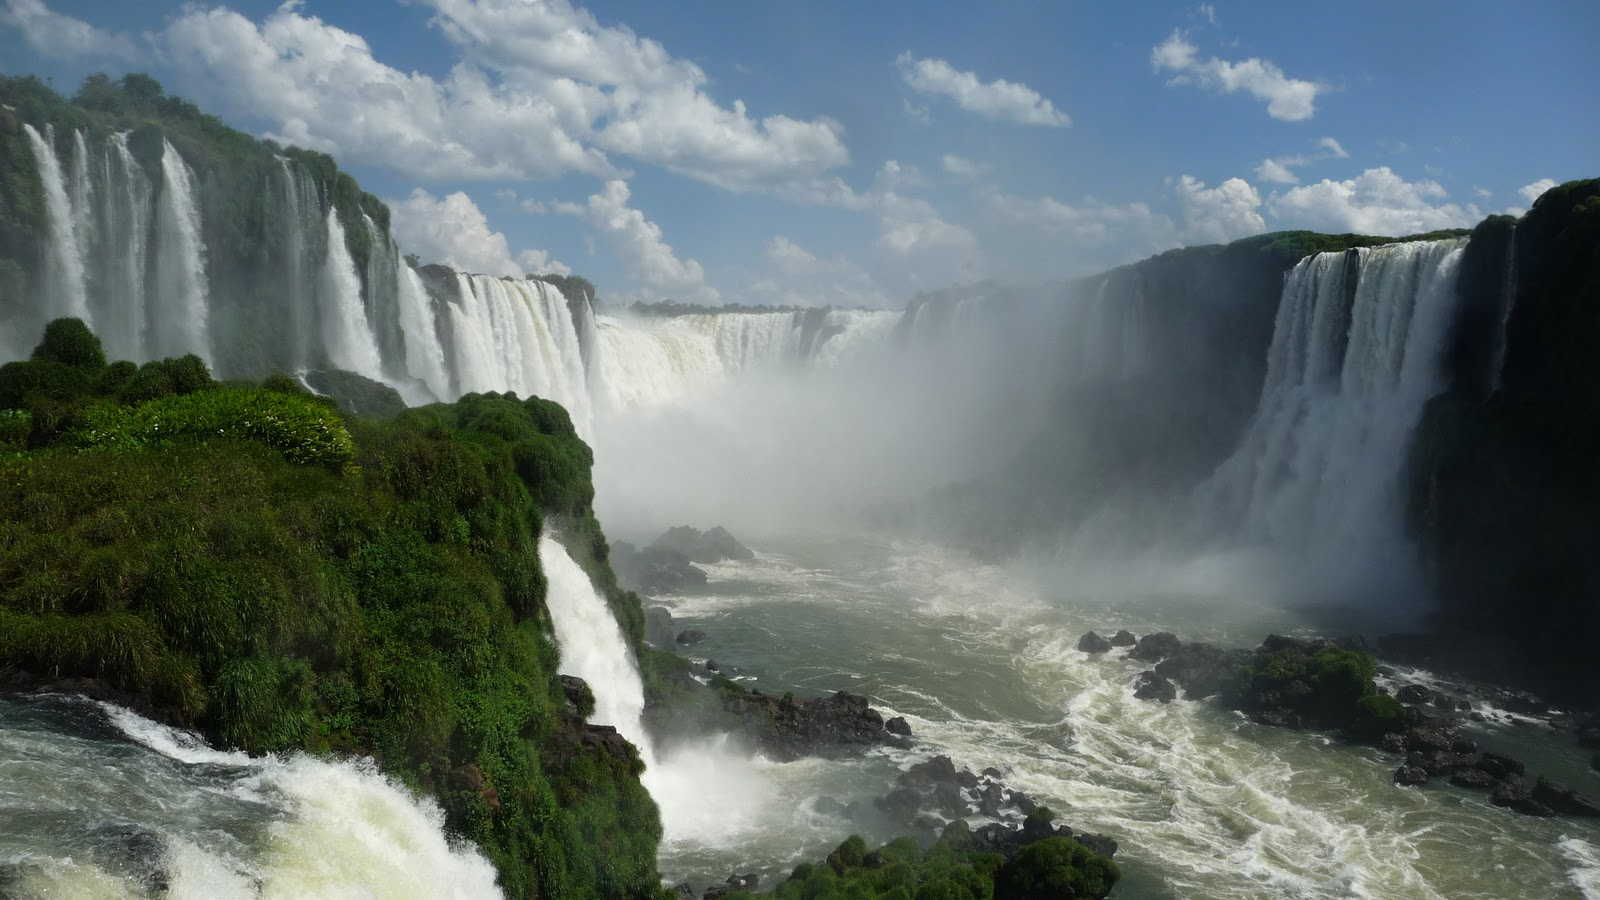 Cataratas-del-Iguazu GRANDE